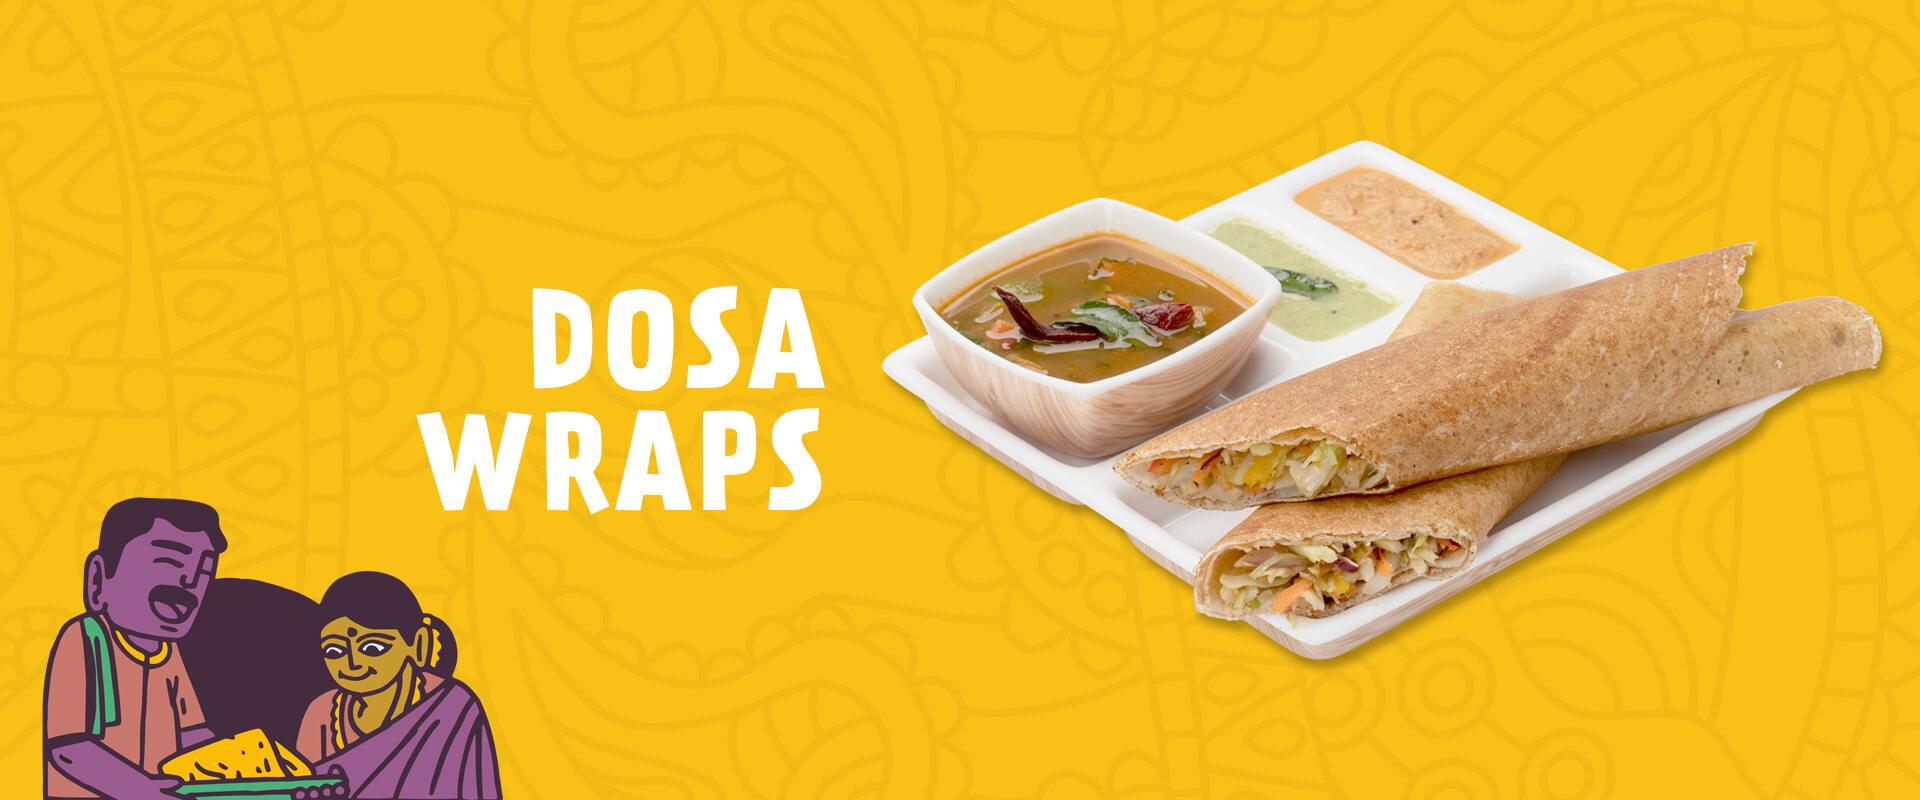 Dosa Wrap menu at Neehee's